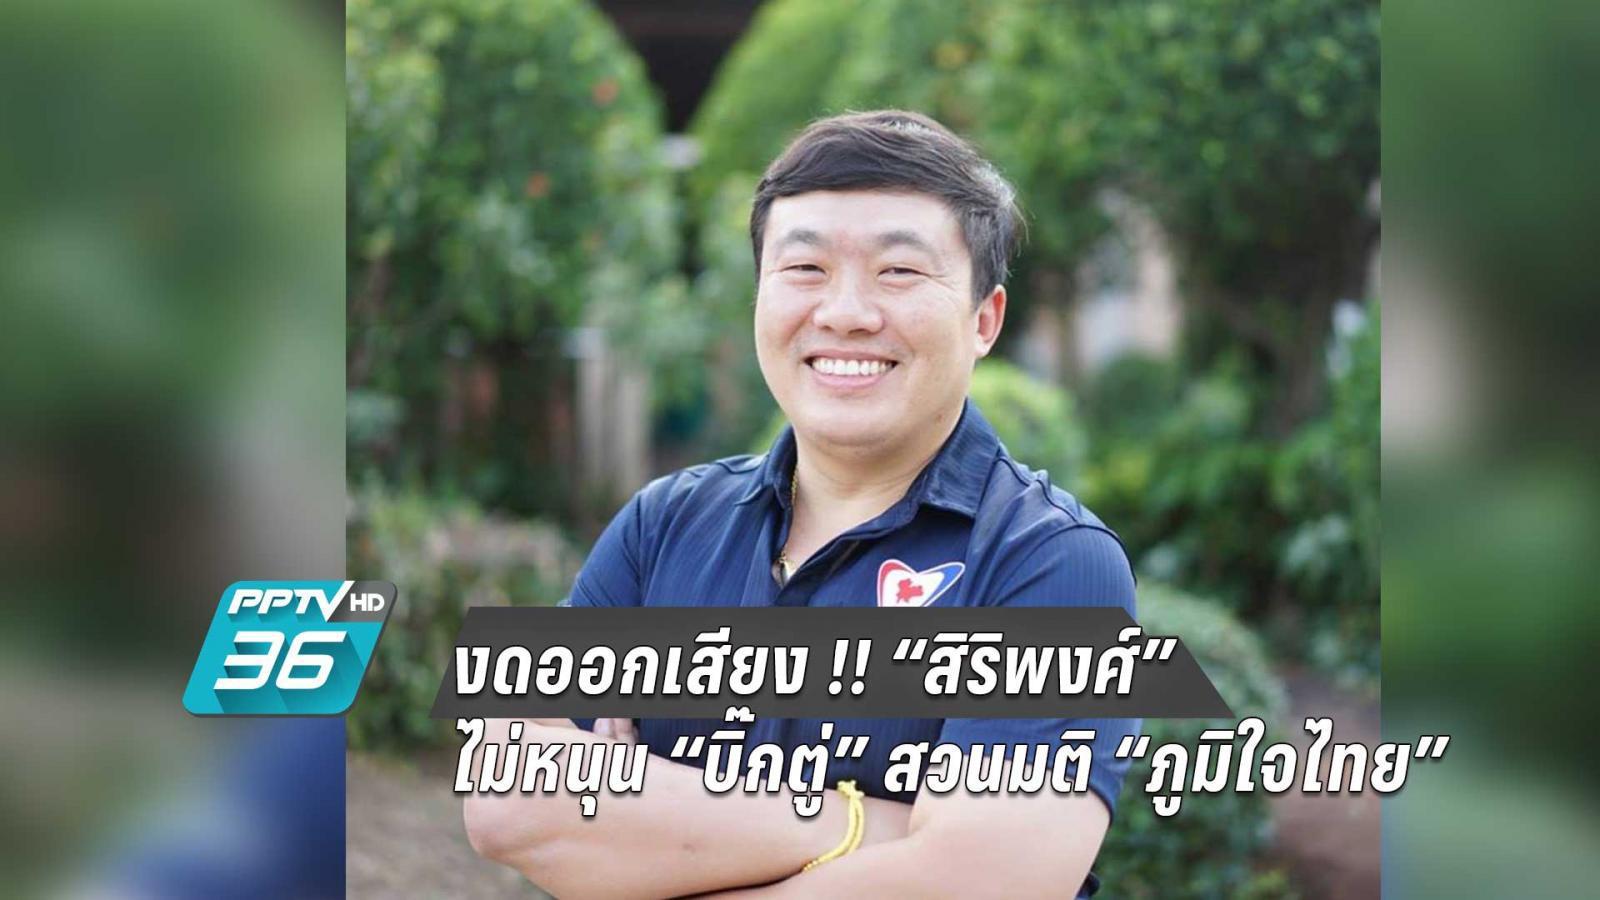 """งดออกเสียง !! """"สิริพงศ์"""" ไม่หนุน """"บิ๊กตู่"""" สวนมติ """"ภูมิใจไทย"""""""